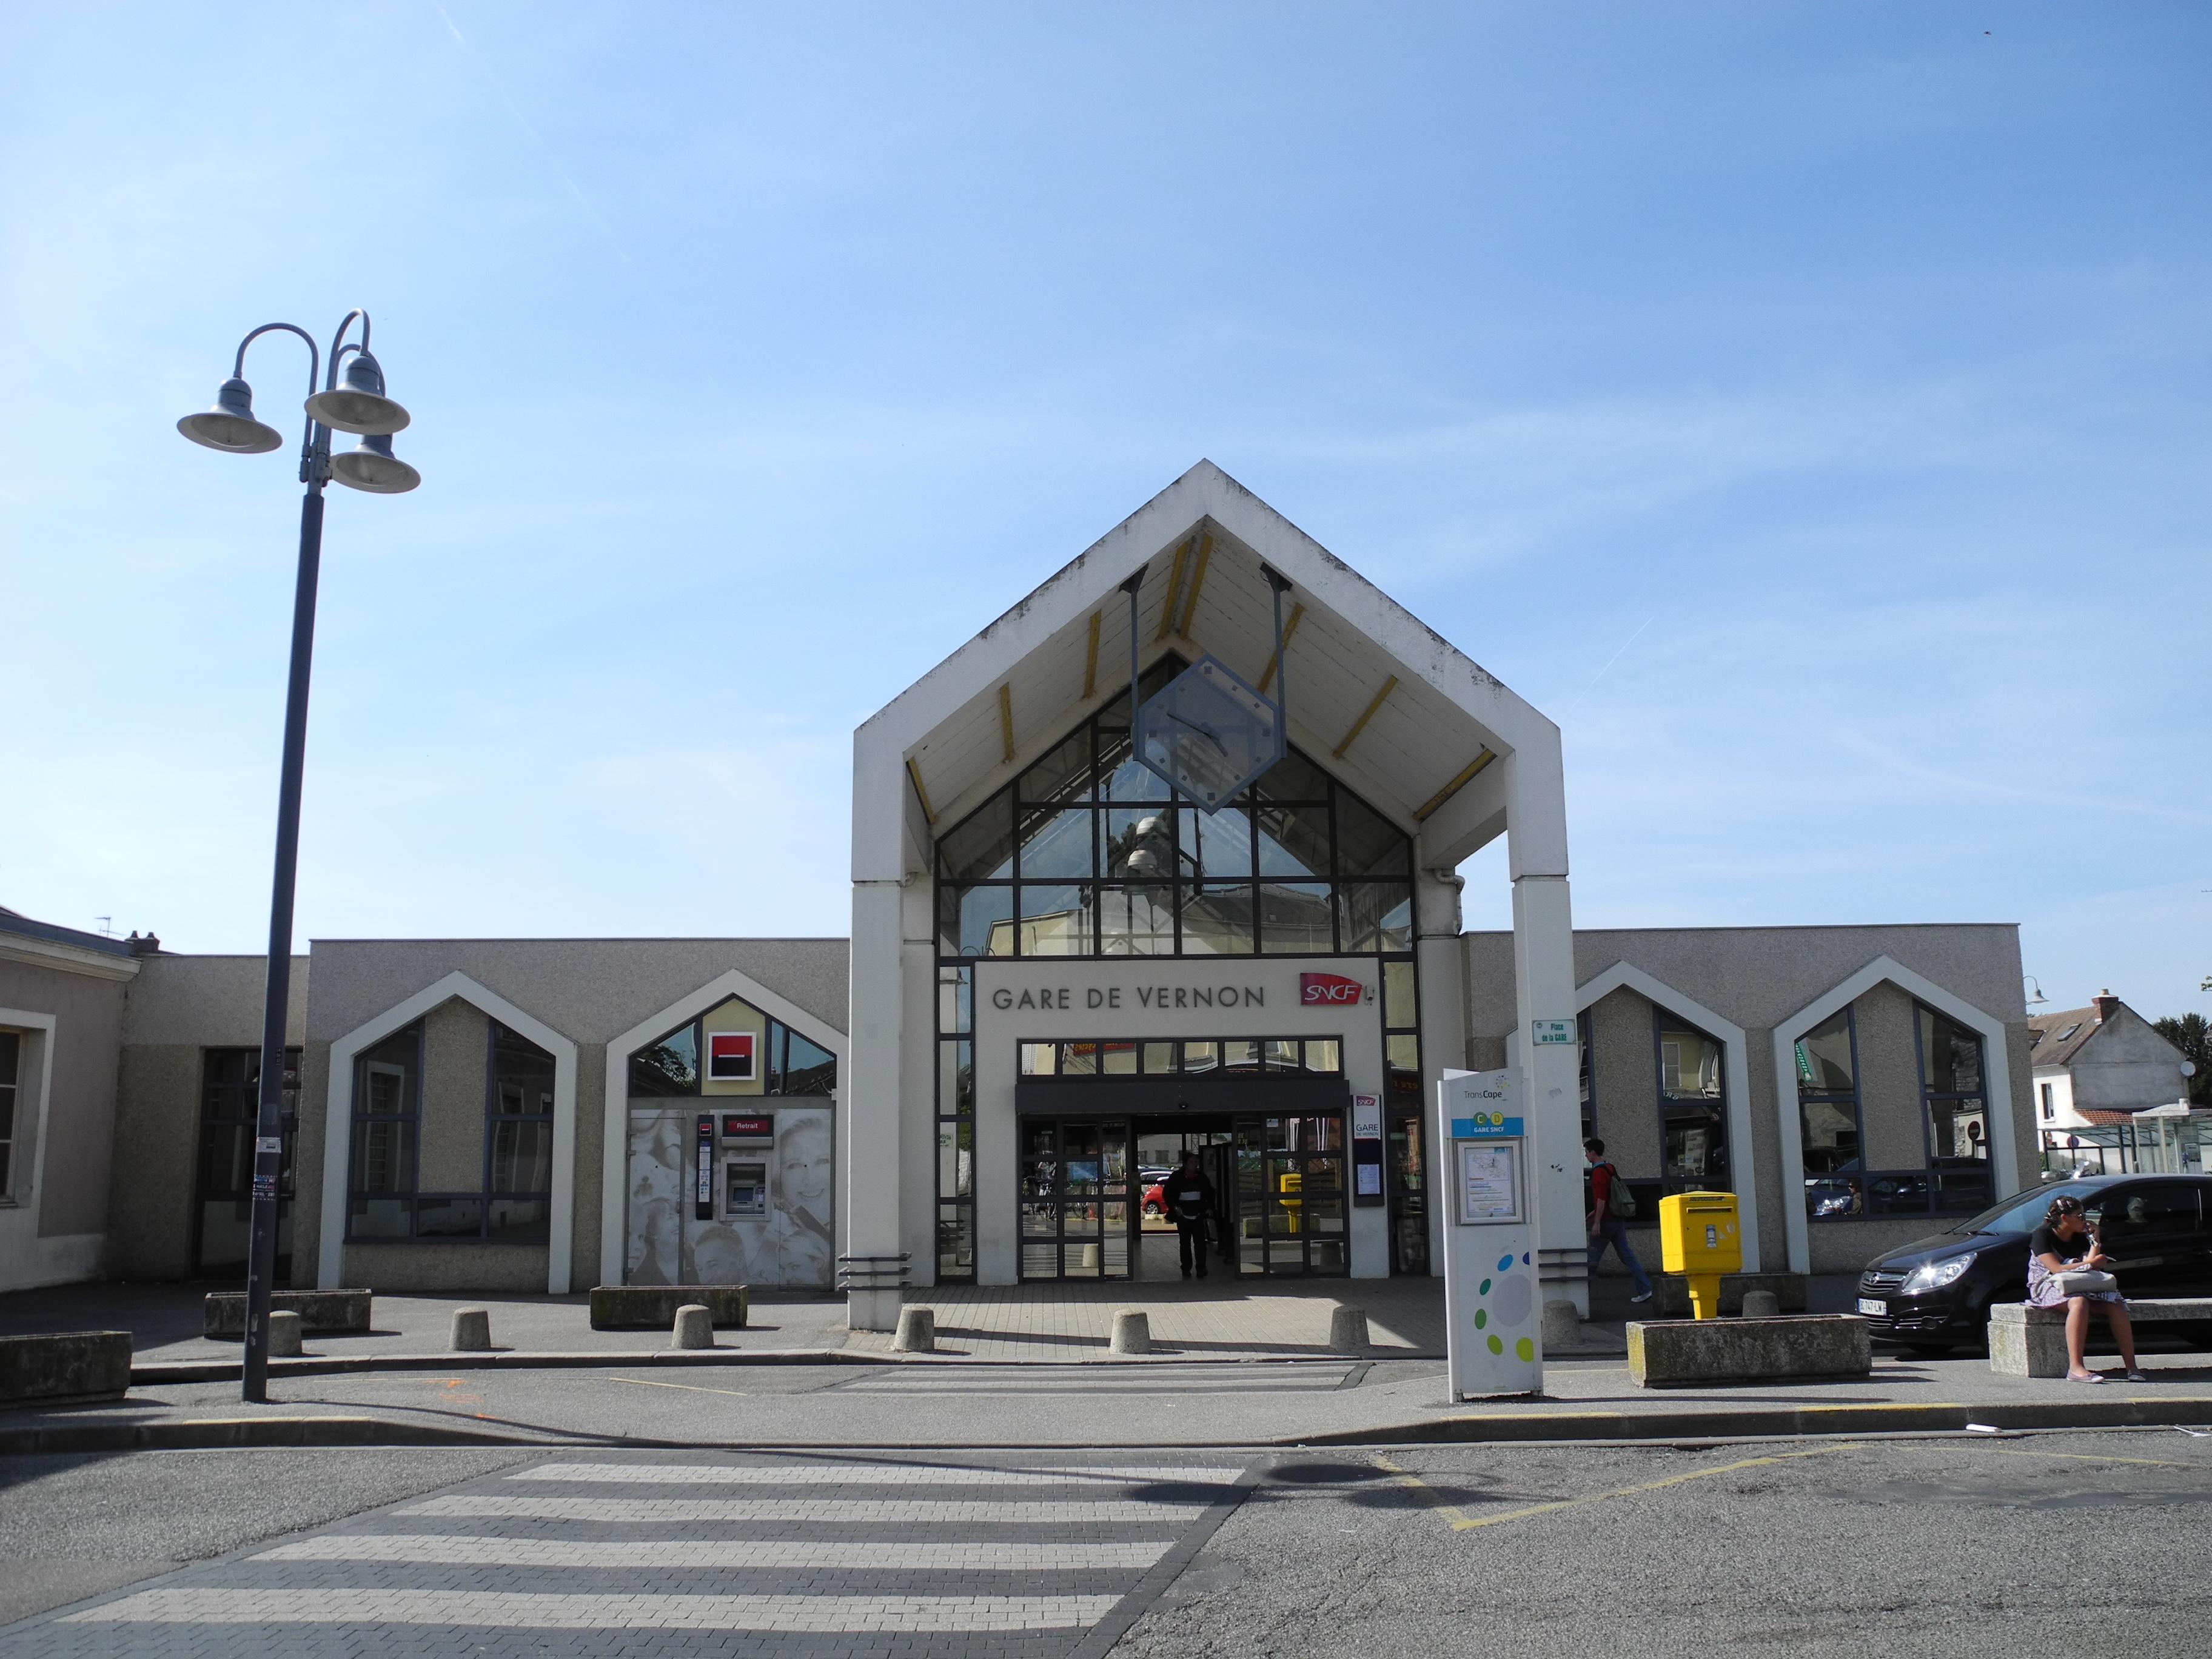 Gare de vernon for Audiovisuel exterieur de la france